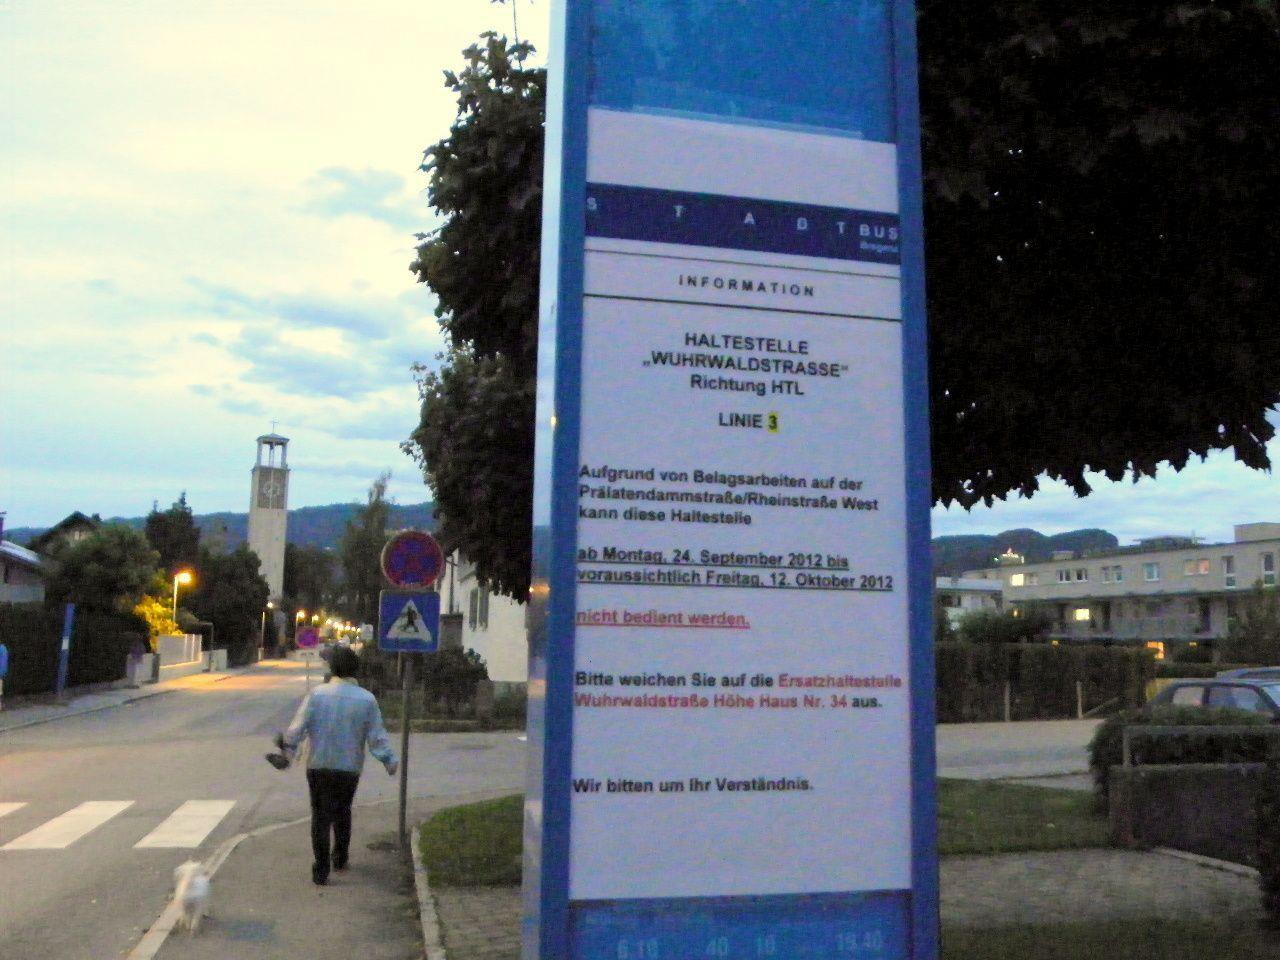 Bushaltestelle wird nicht angefahren